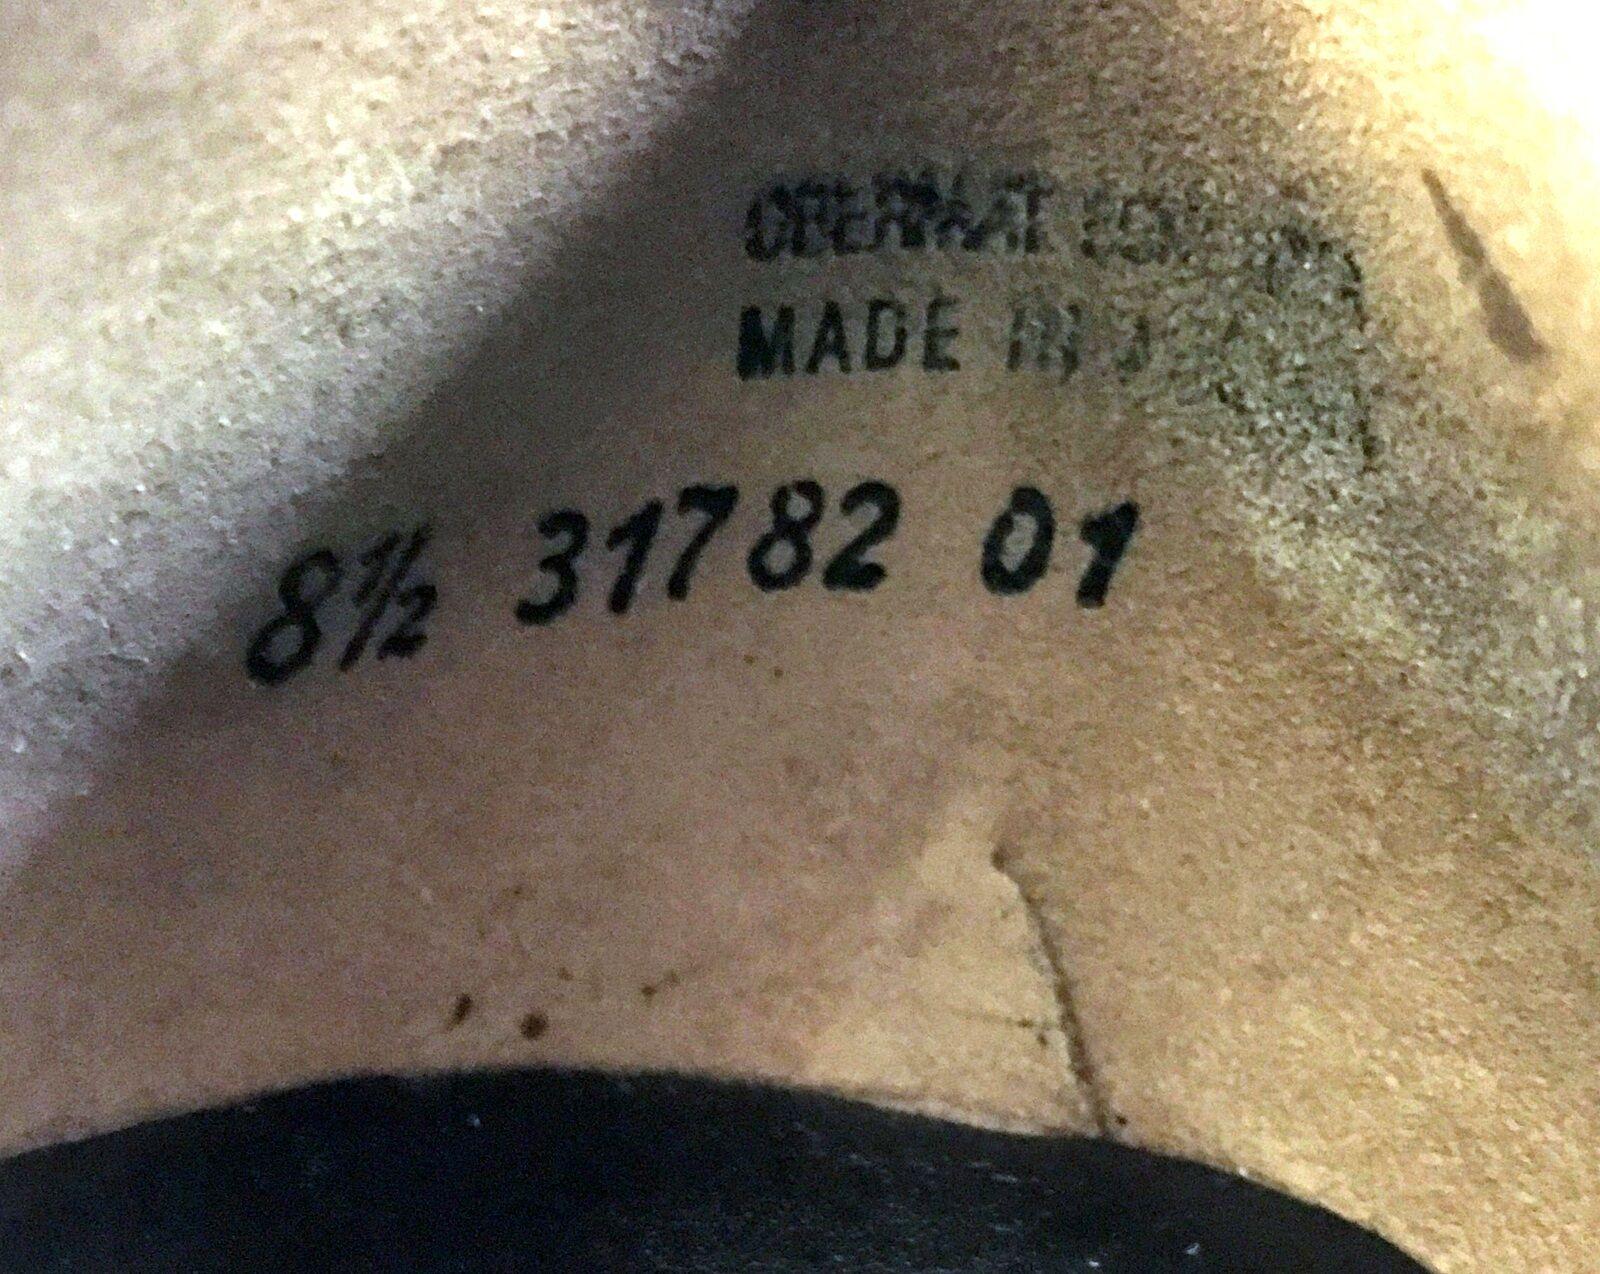 Paul Green Mary Jane Heels Braun Suede Pumps Damenschuhe Damenschuhe Damenschuhe Größe 10.5 (UK 8.5) 7d8d92